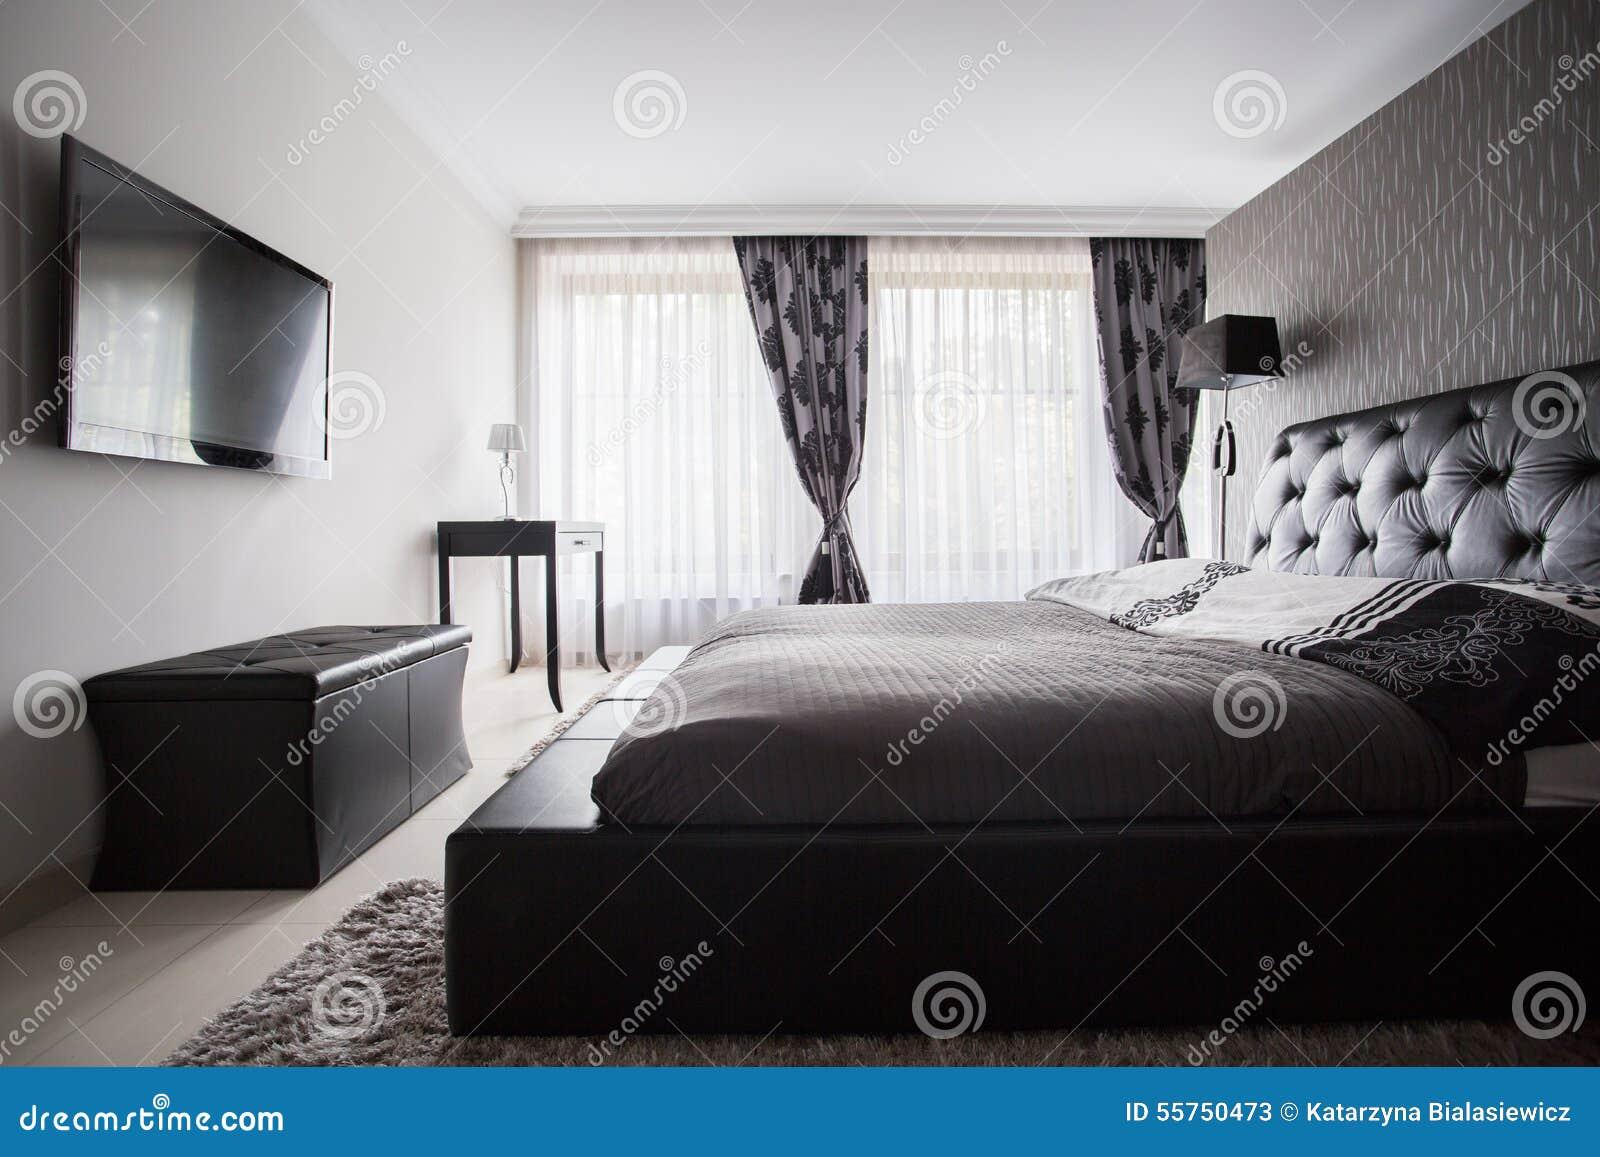 Camere Da Letto Moderne Grigie: Modello camere da letto moderne ...